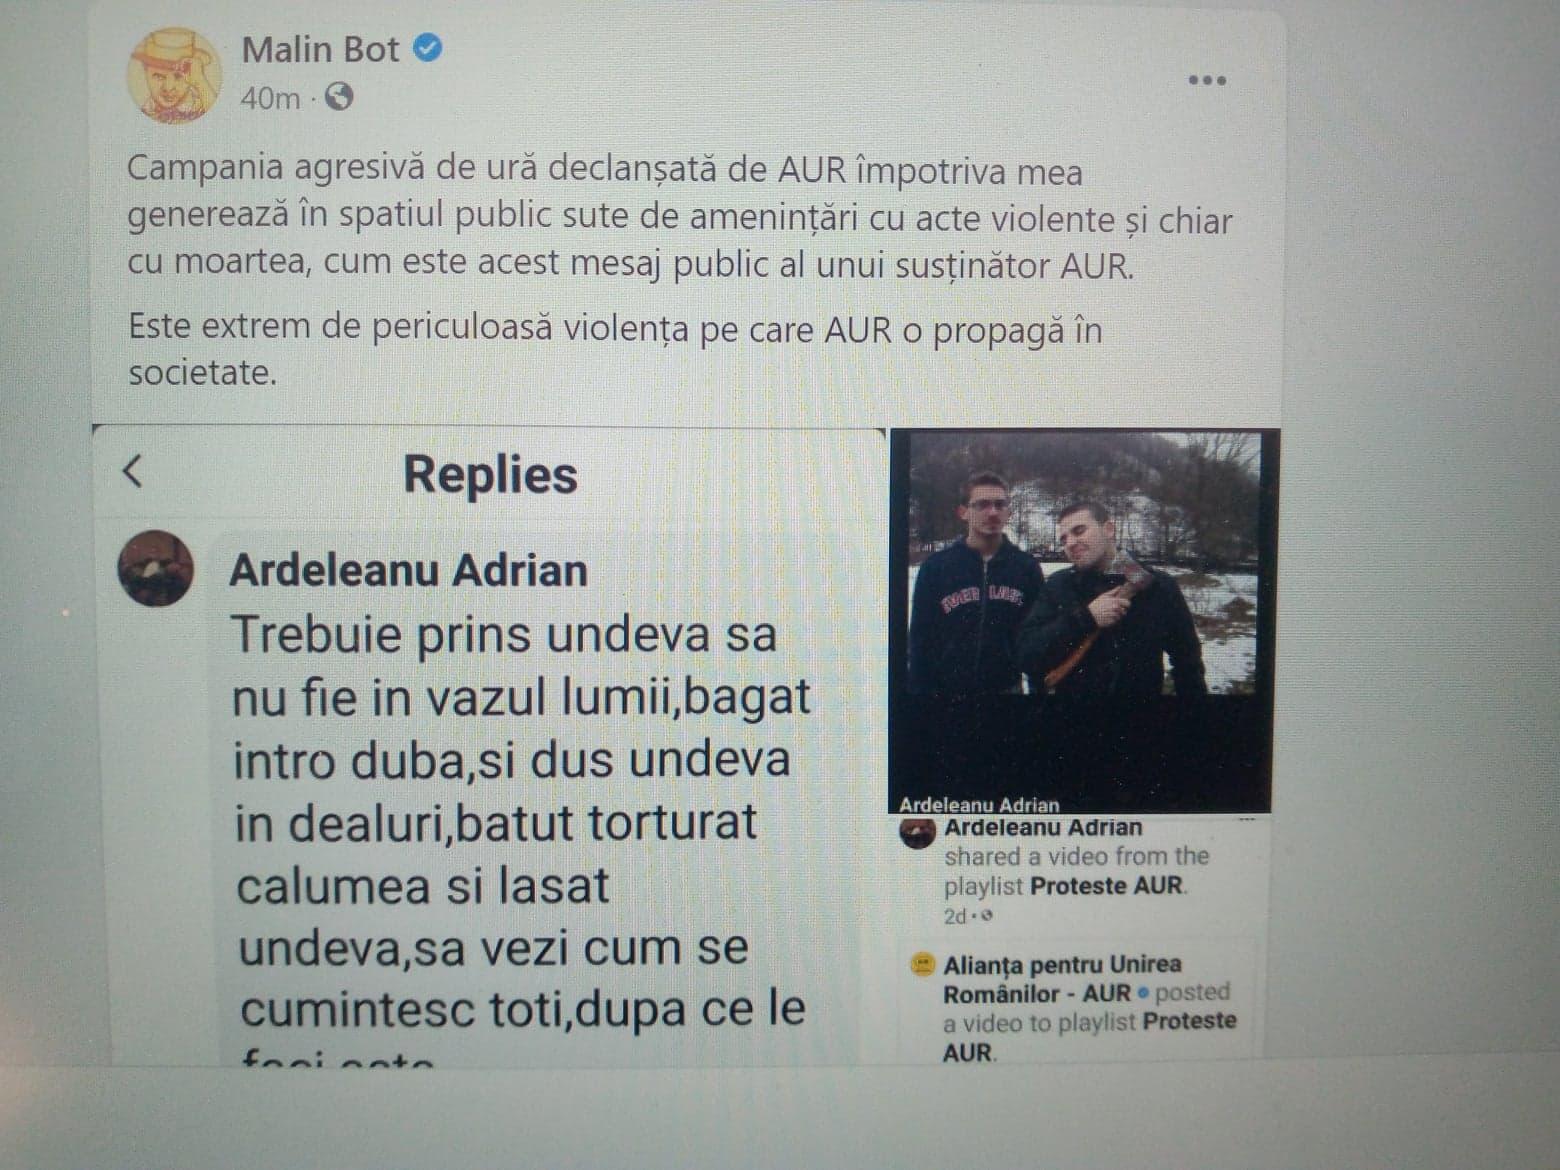 """""""Trebuie băgat în dubă, dus în dealuri, bătut și torturat"""". Amenințarea unui fan AUR la adresa lui Mălin Bot"""